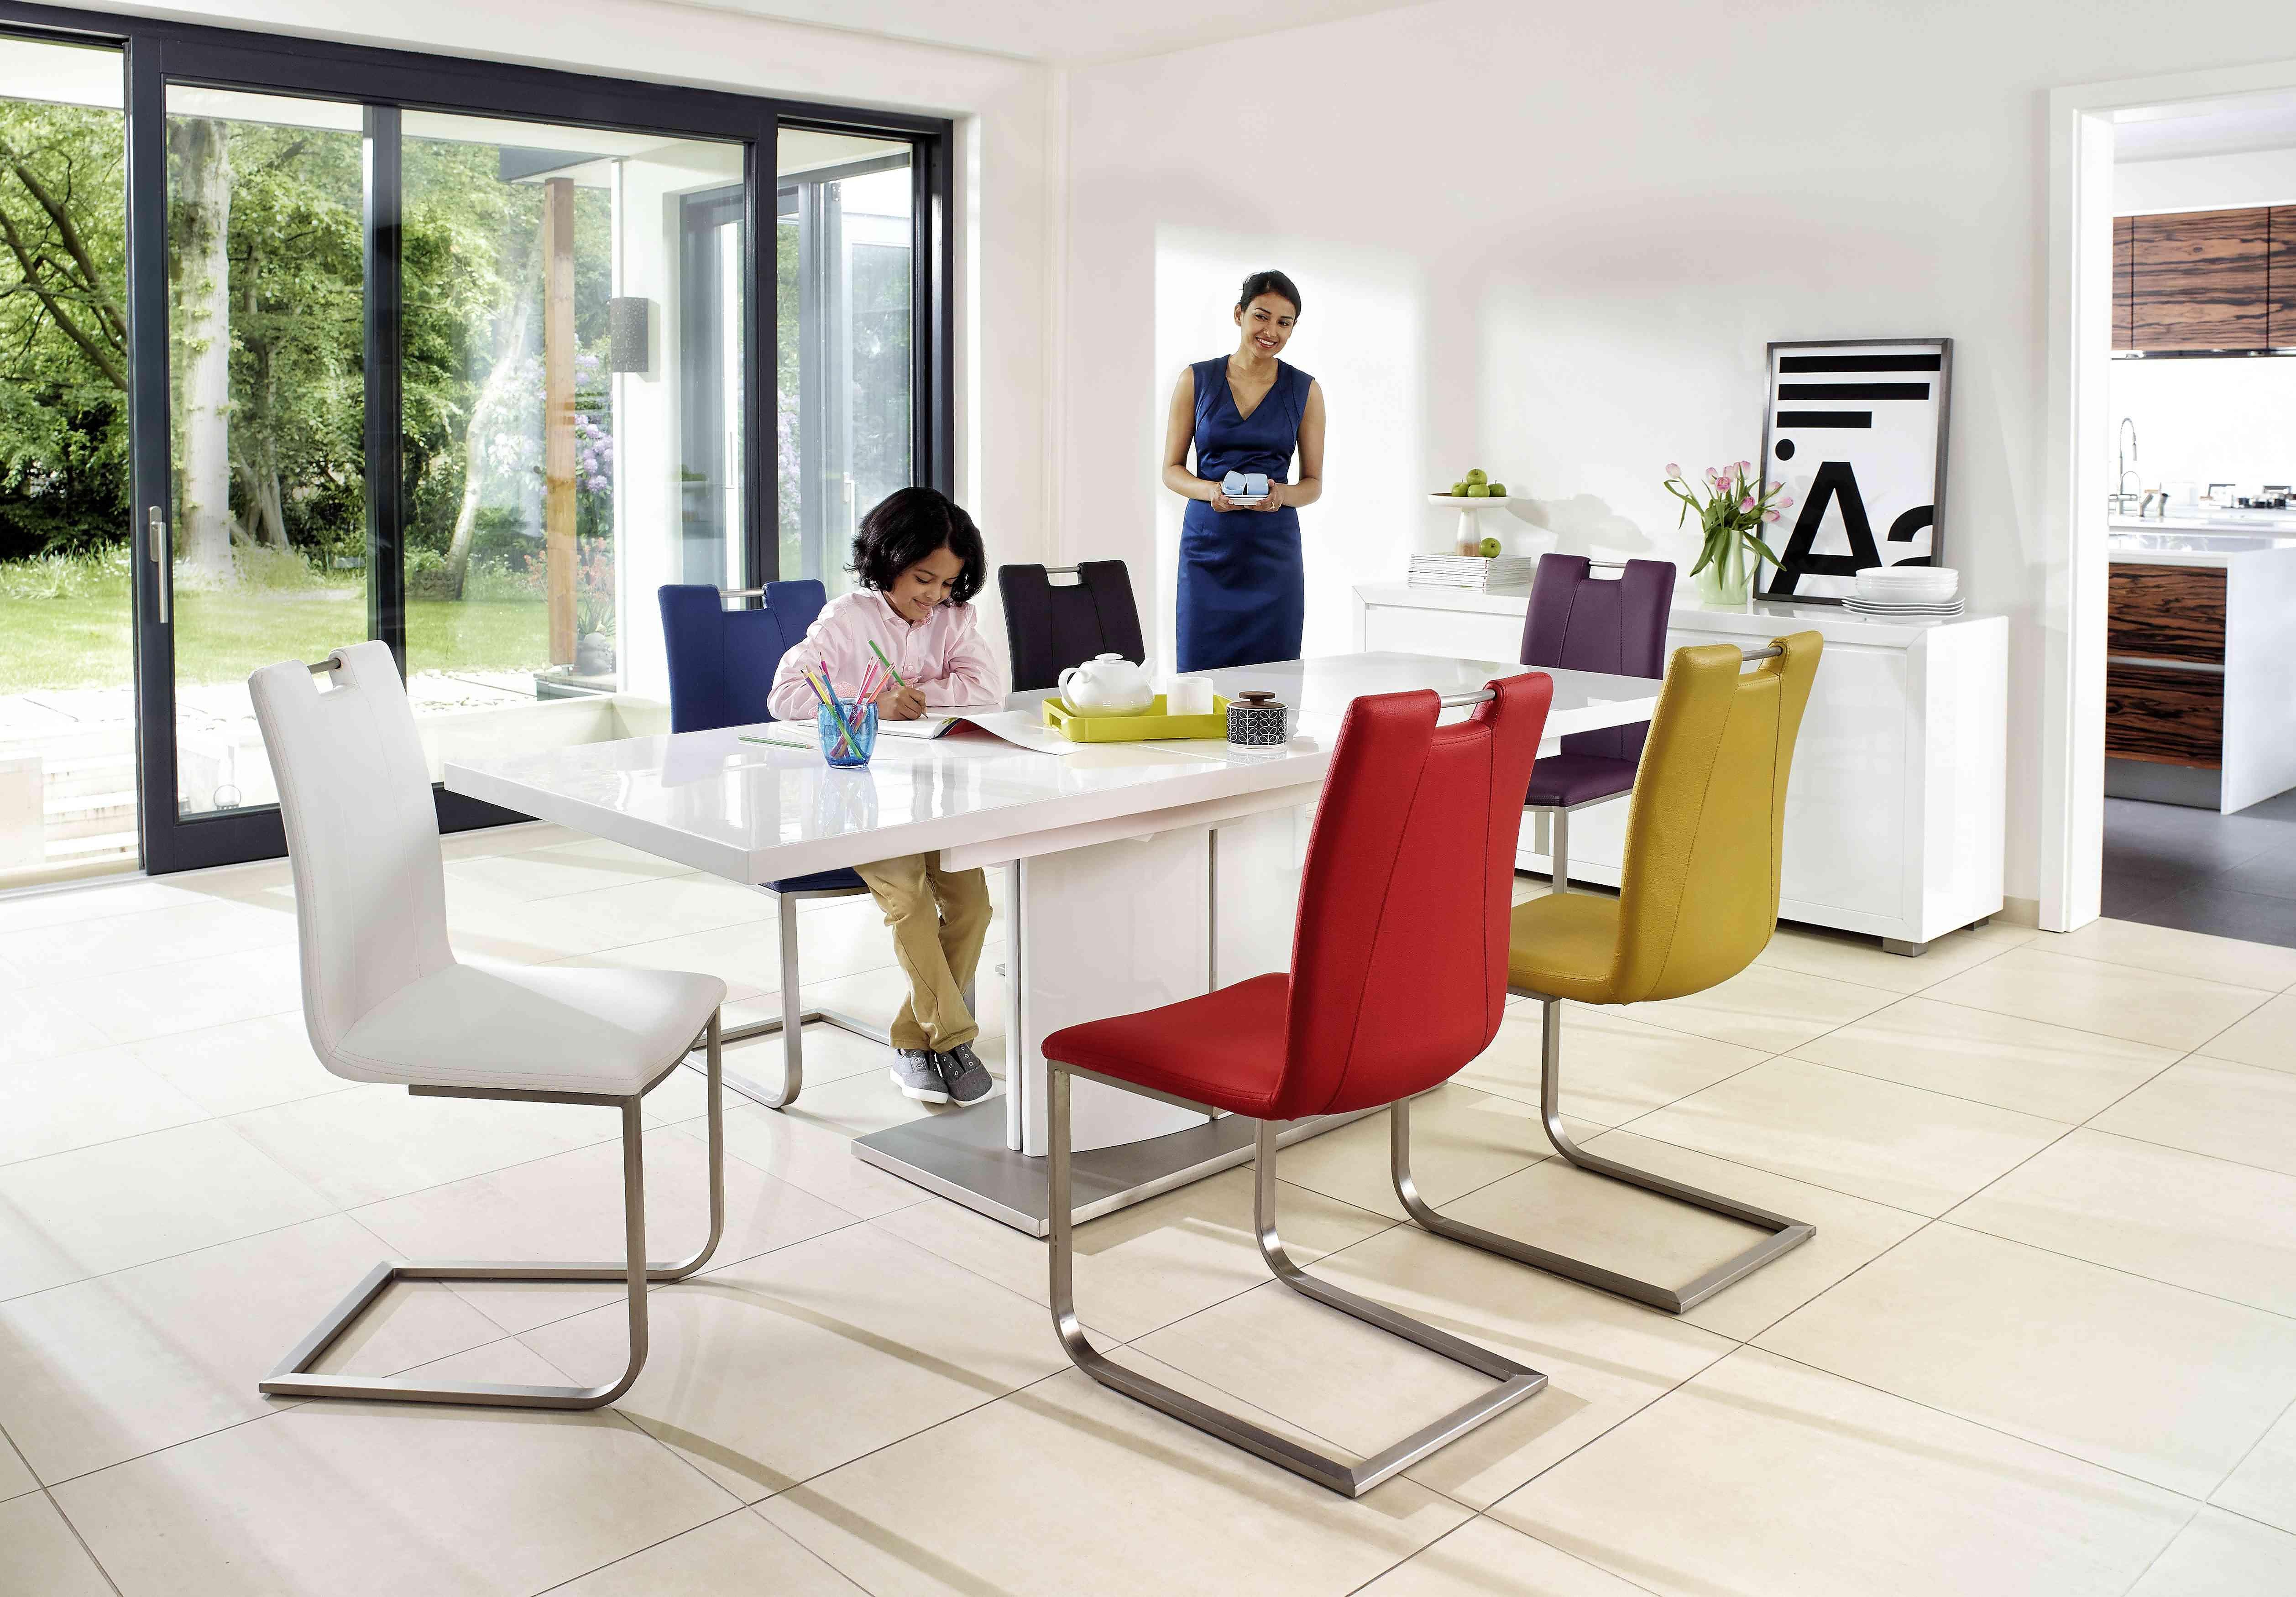 Furniture Village Advert grande sideboard - furniture village